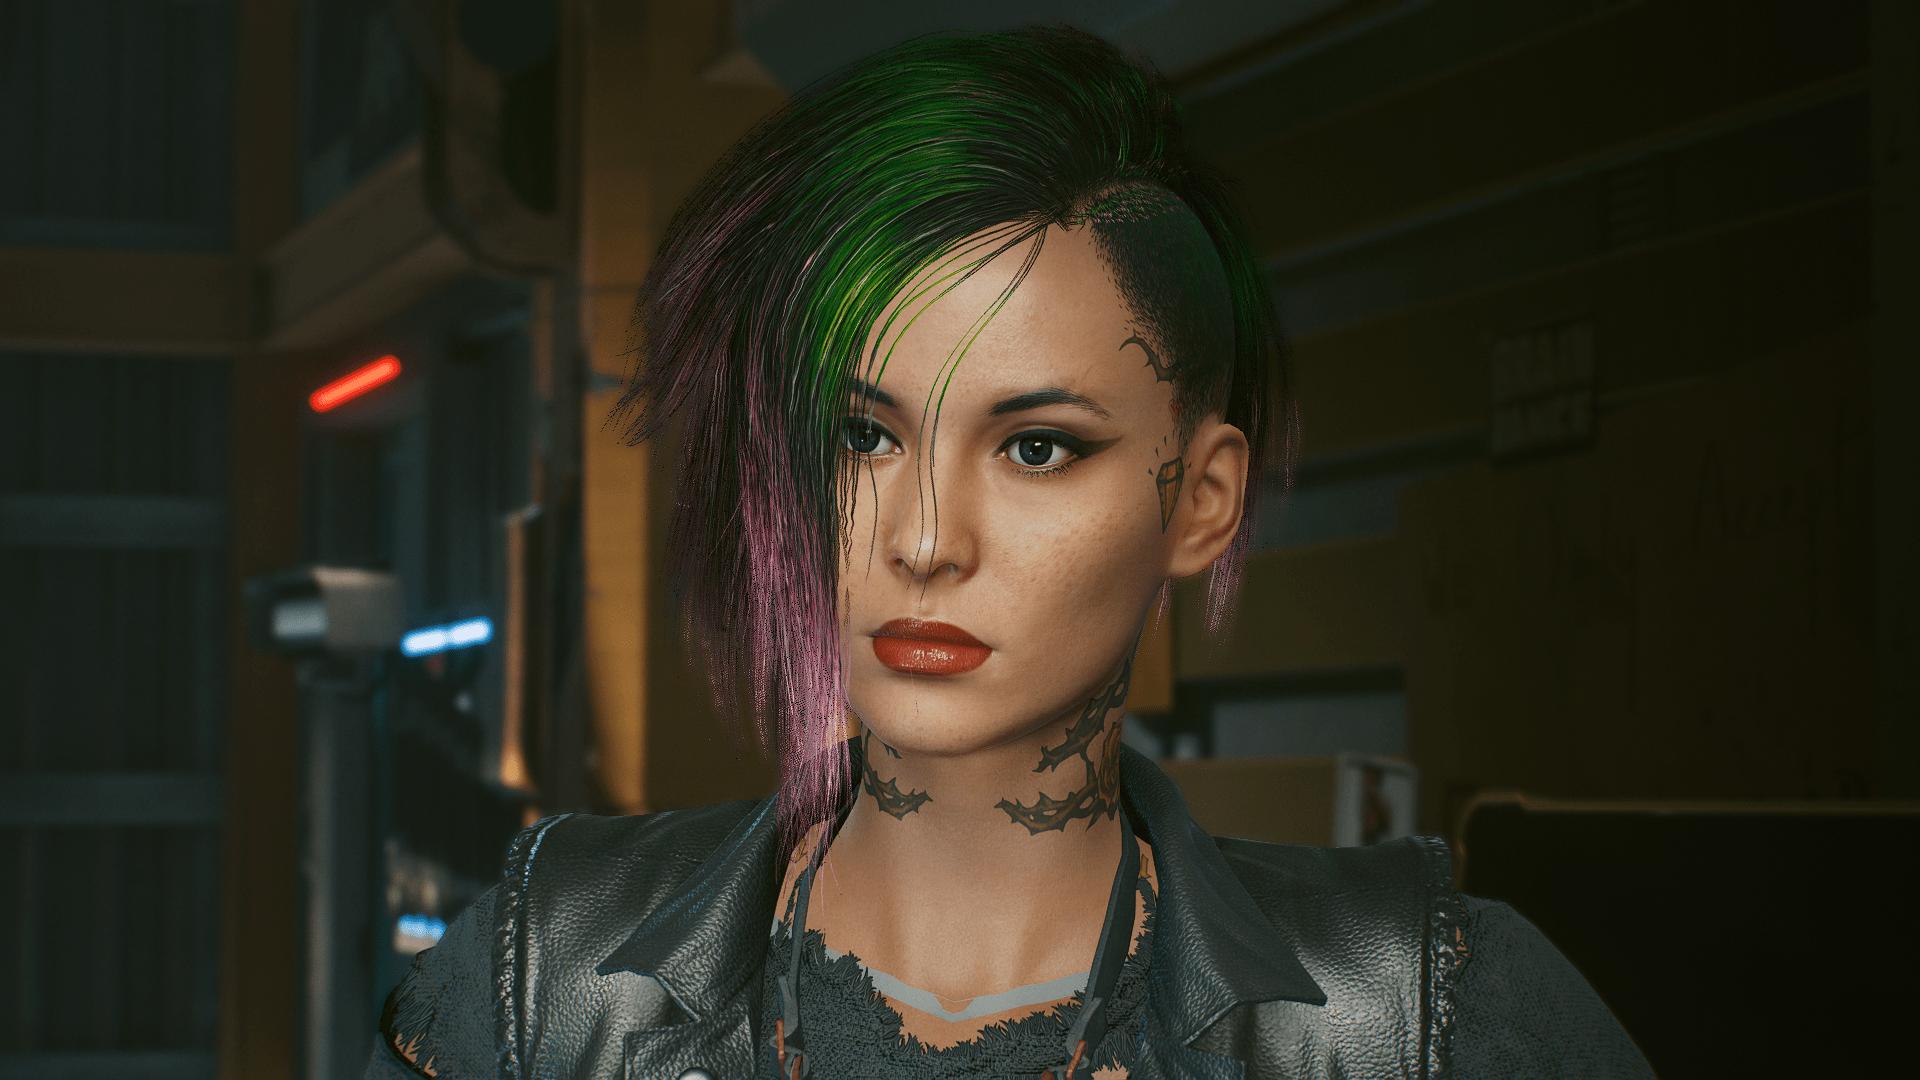 Cyberpunk 2077 mods   Download Mods for Cyberpunk 2077